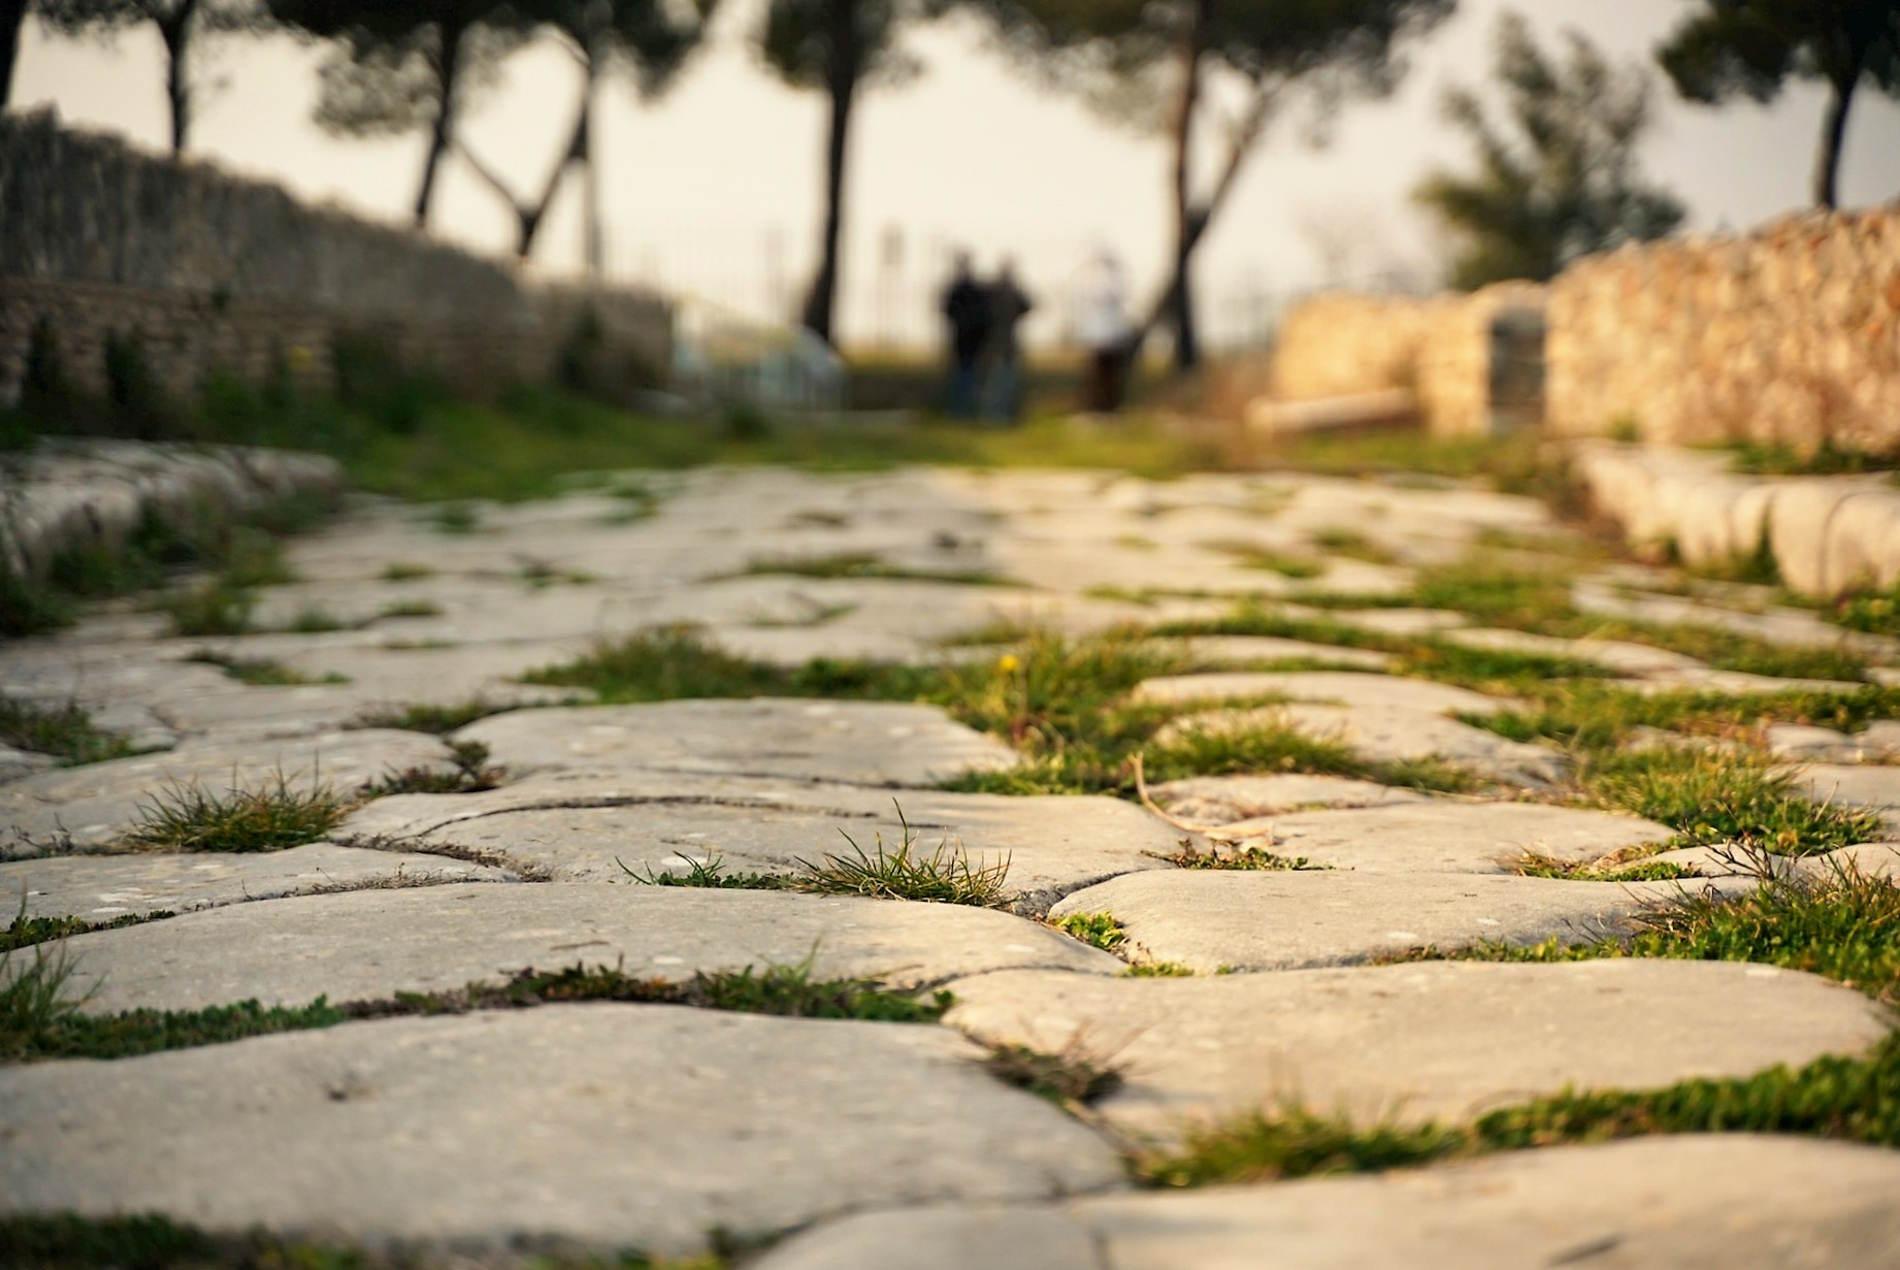 Cosa vedere in Basilicata - Strada romana nella Zona Archeologica di Venosa